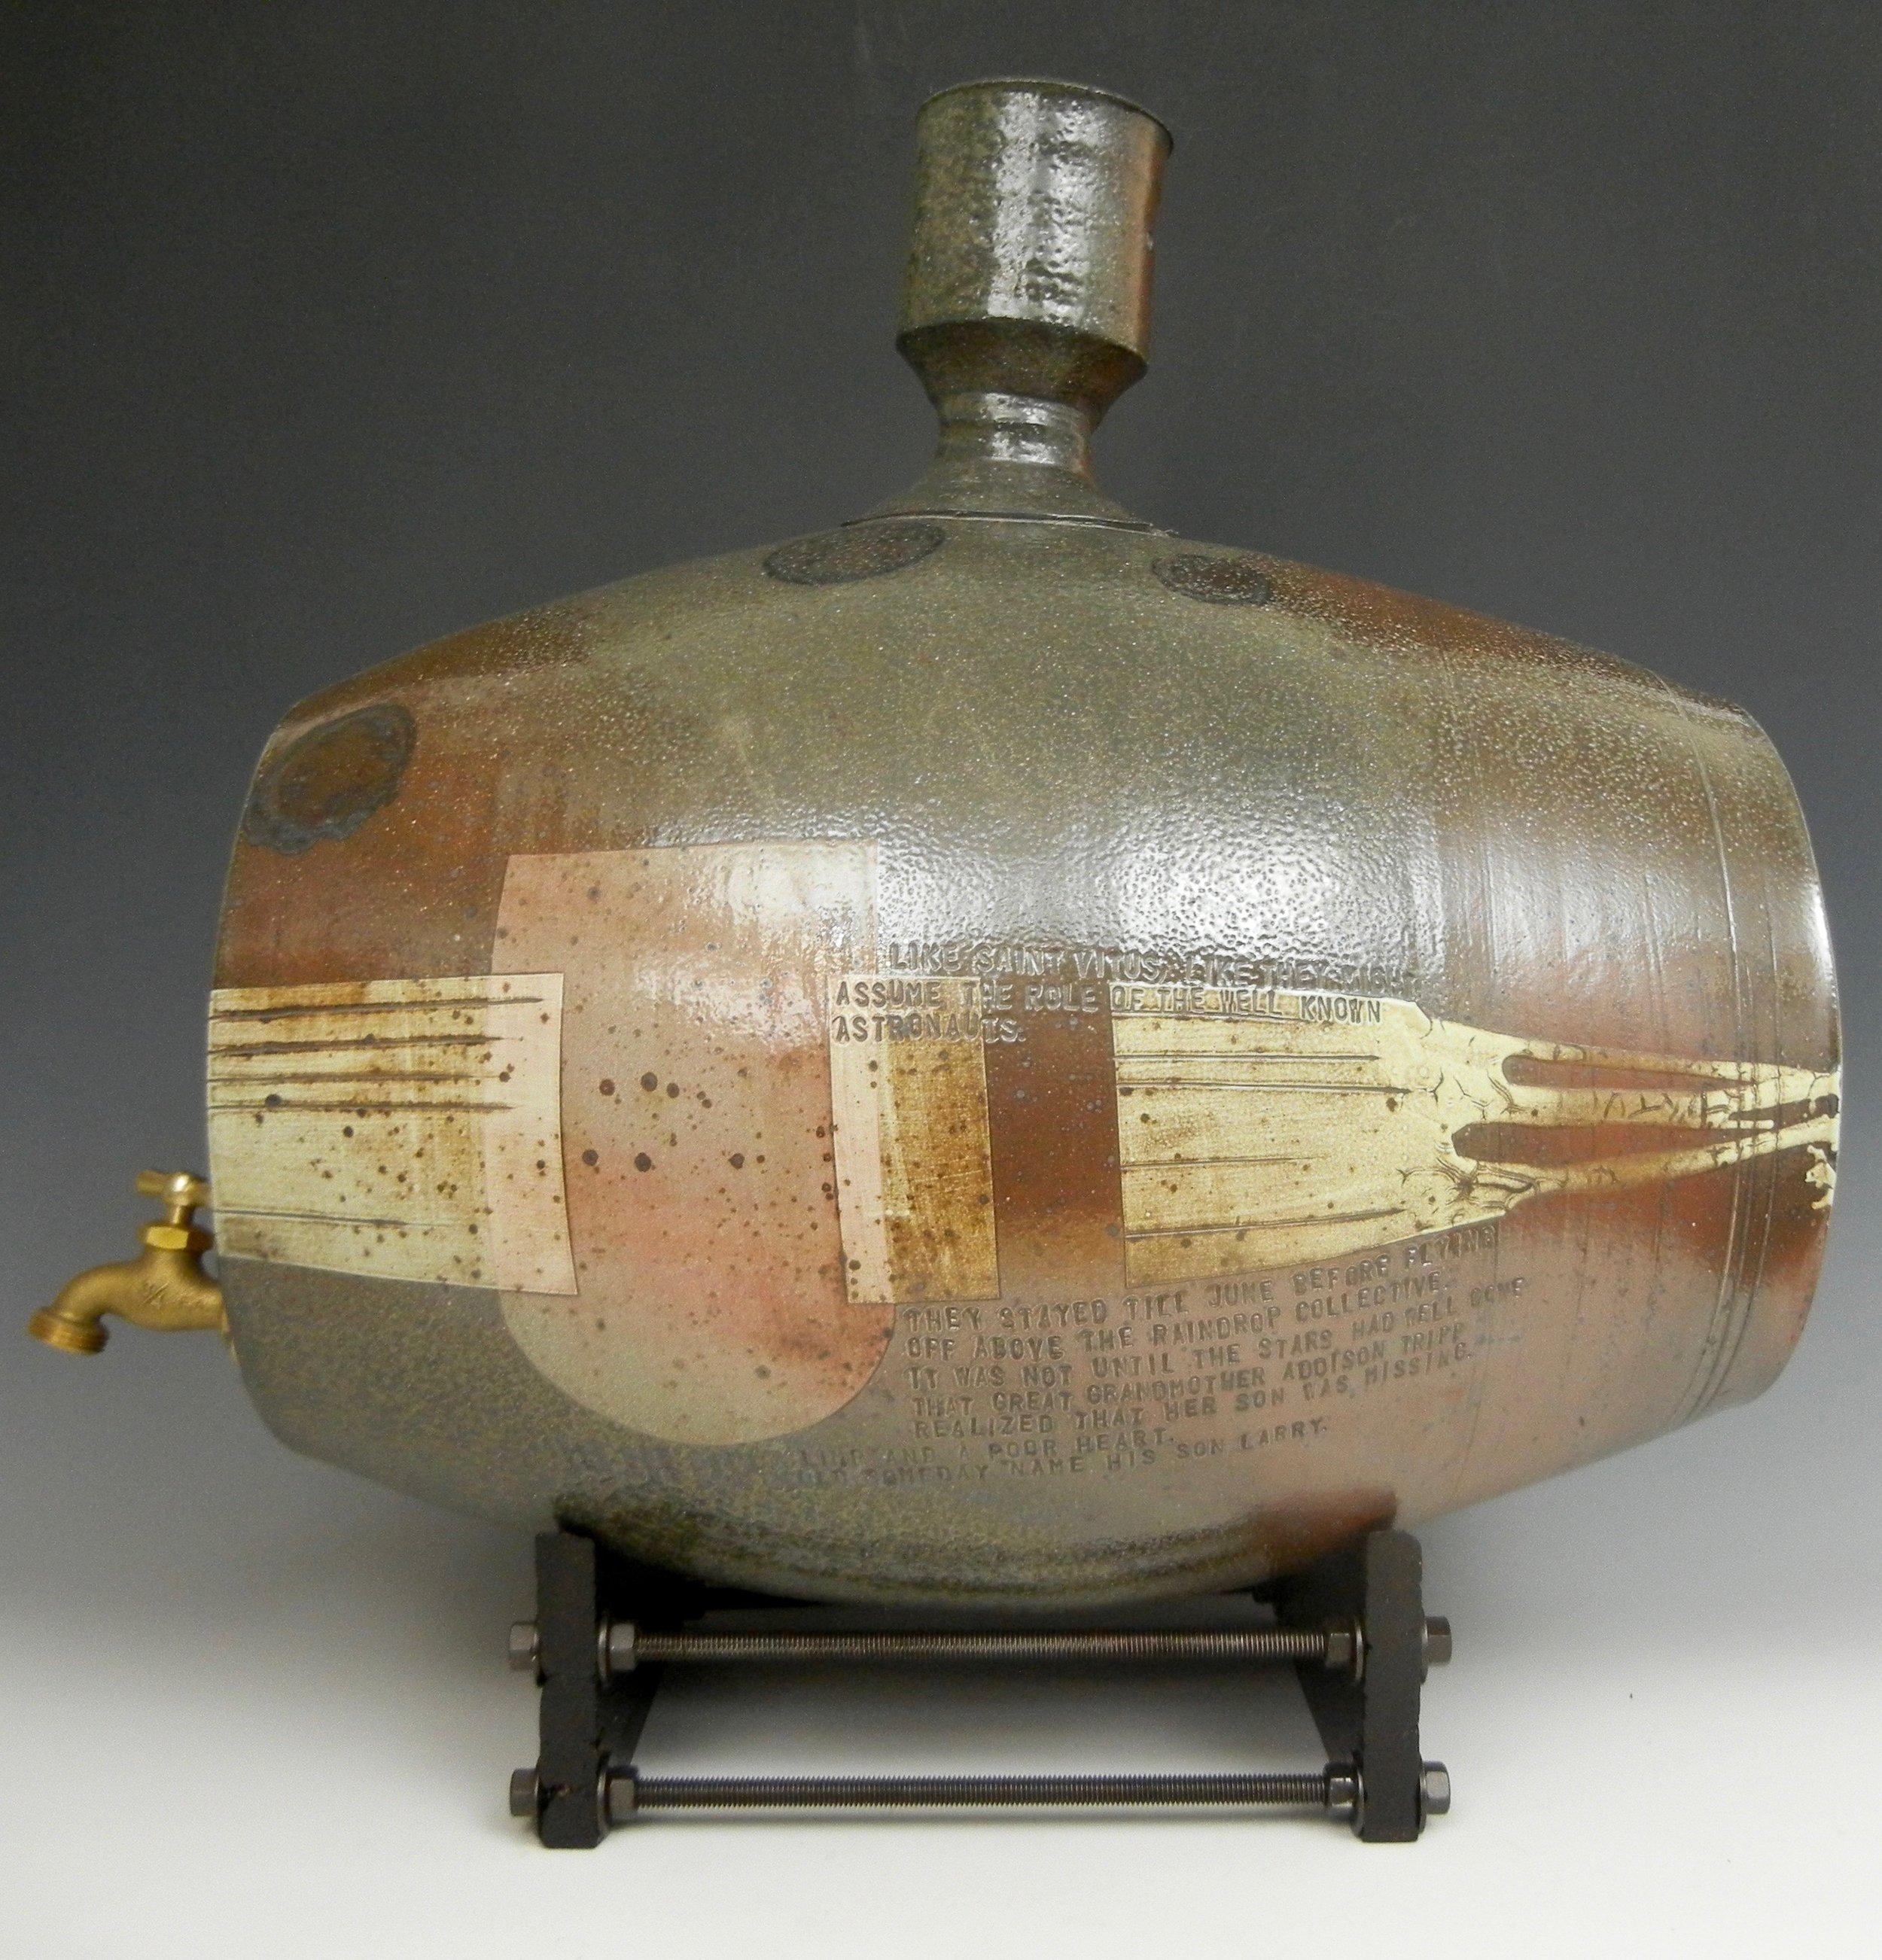 Lorenz Pottery, wood fired, soda fired, folk pottery, water barrel